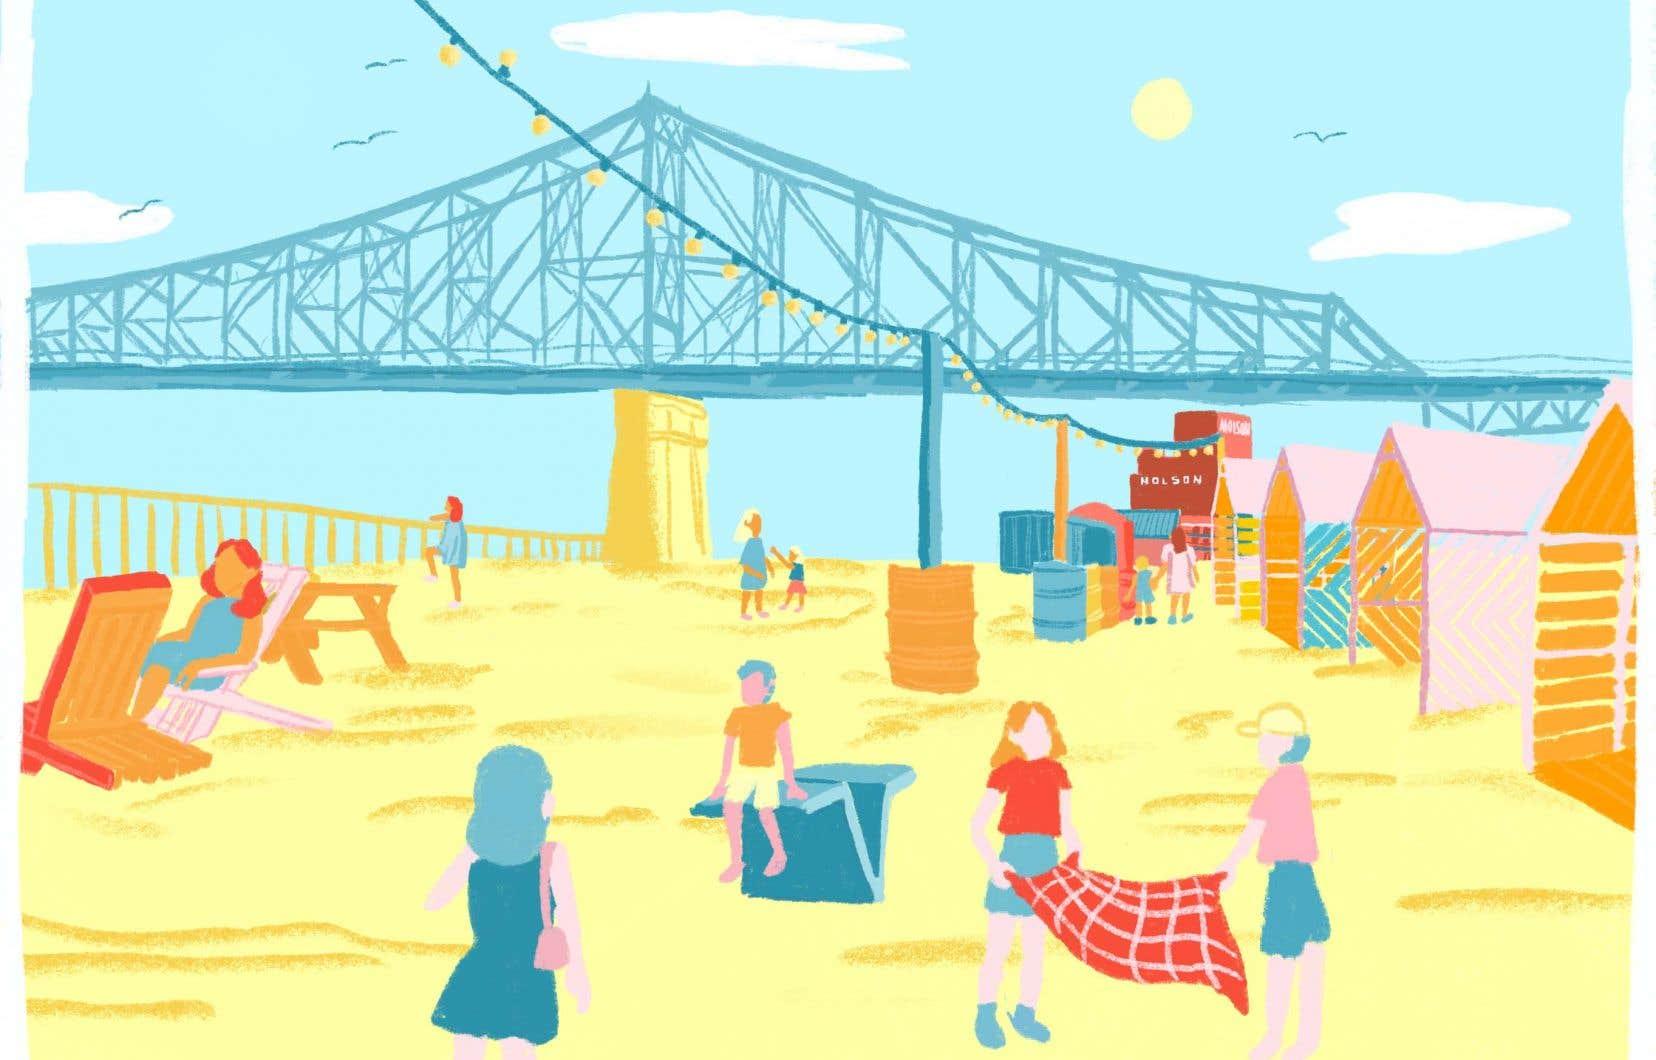 Sur le site du Village au Pied-du-Courant, situé près du pont Jacques-Cartier, les aménagements urbains seront minimalistes et les mesures sanitaires seront variées pour réduire les risques de propagation.